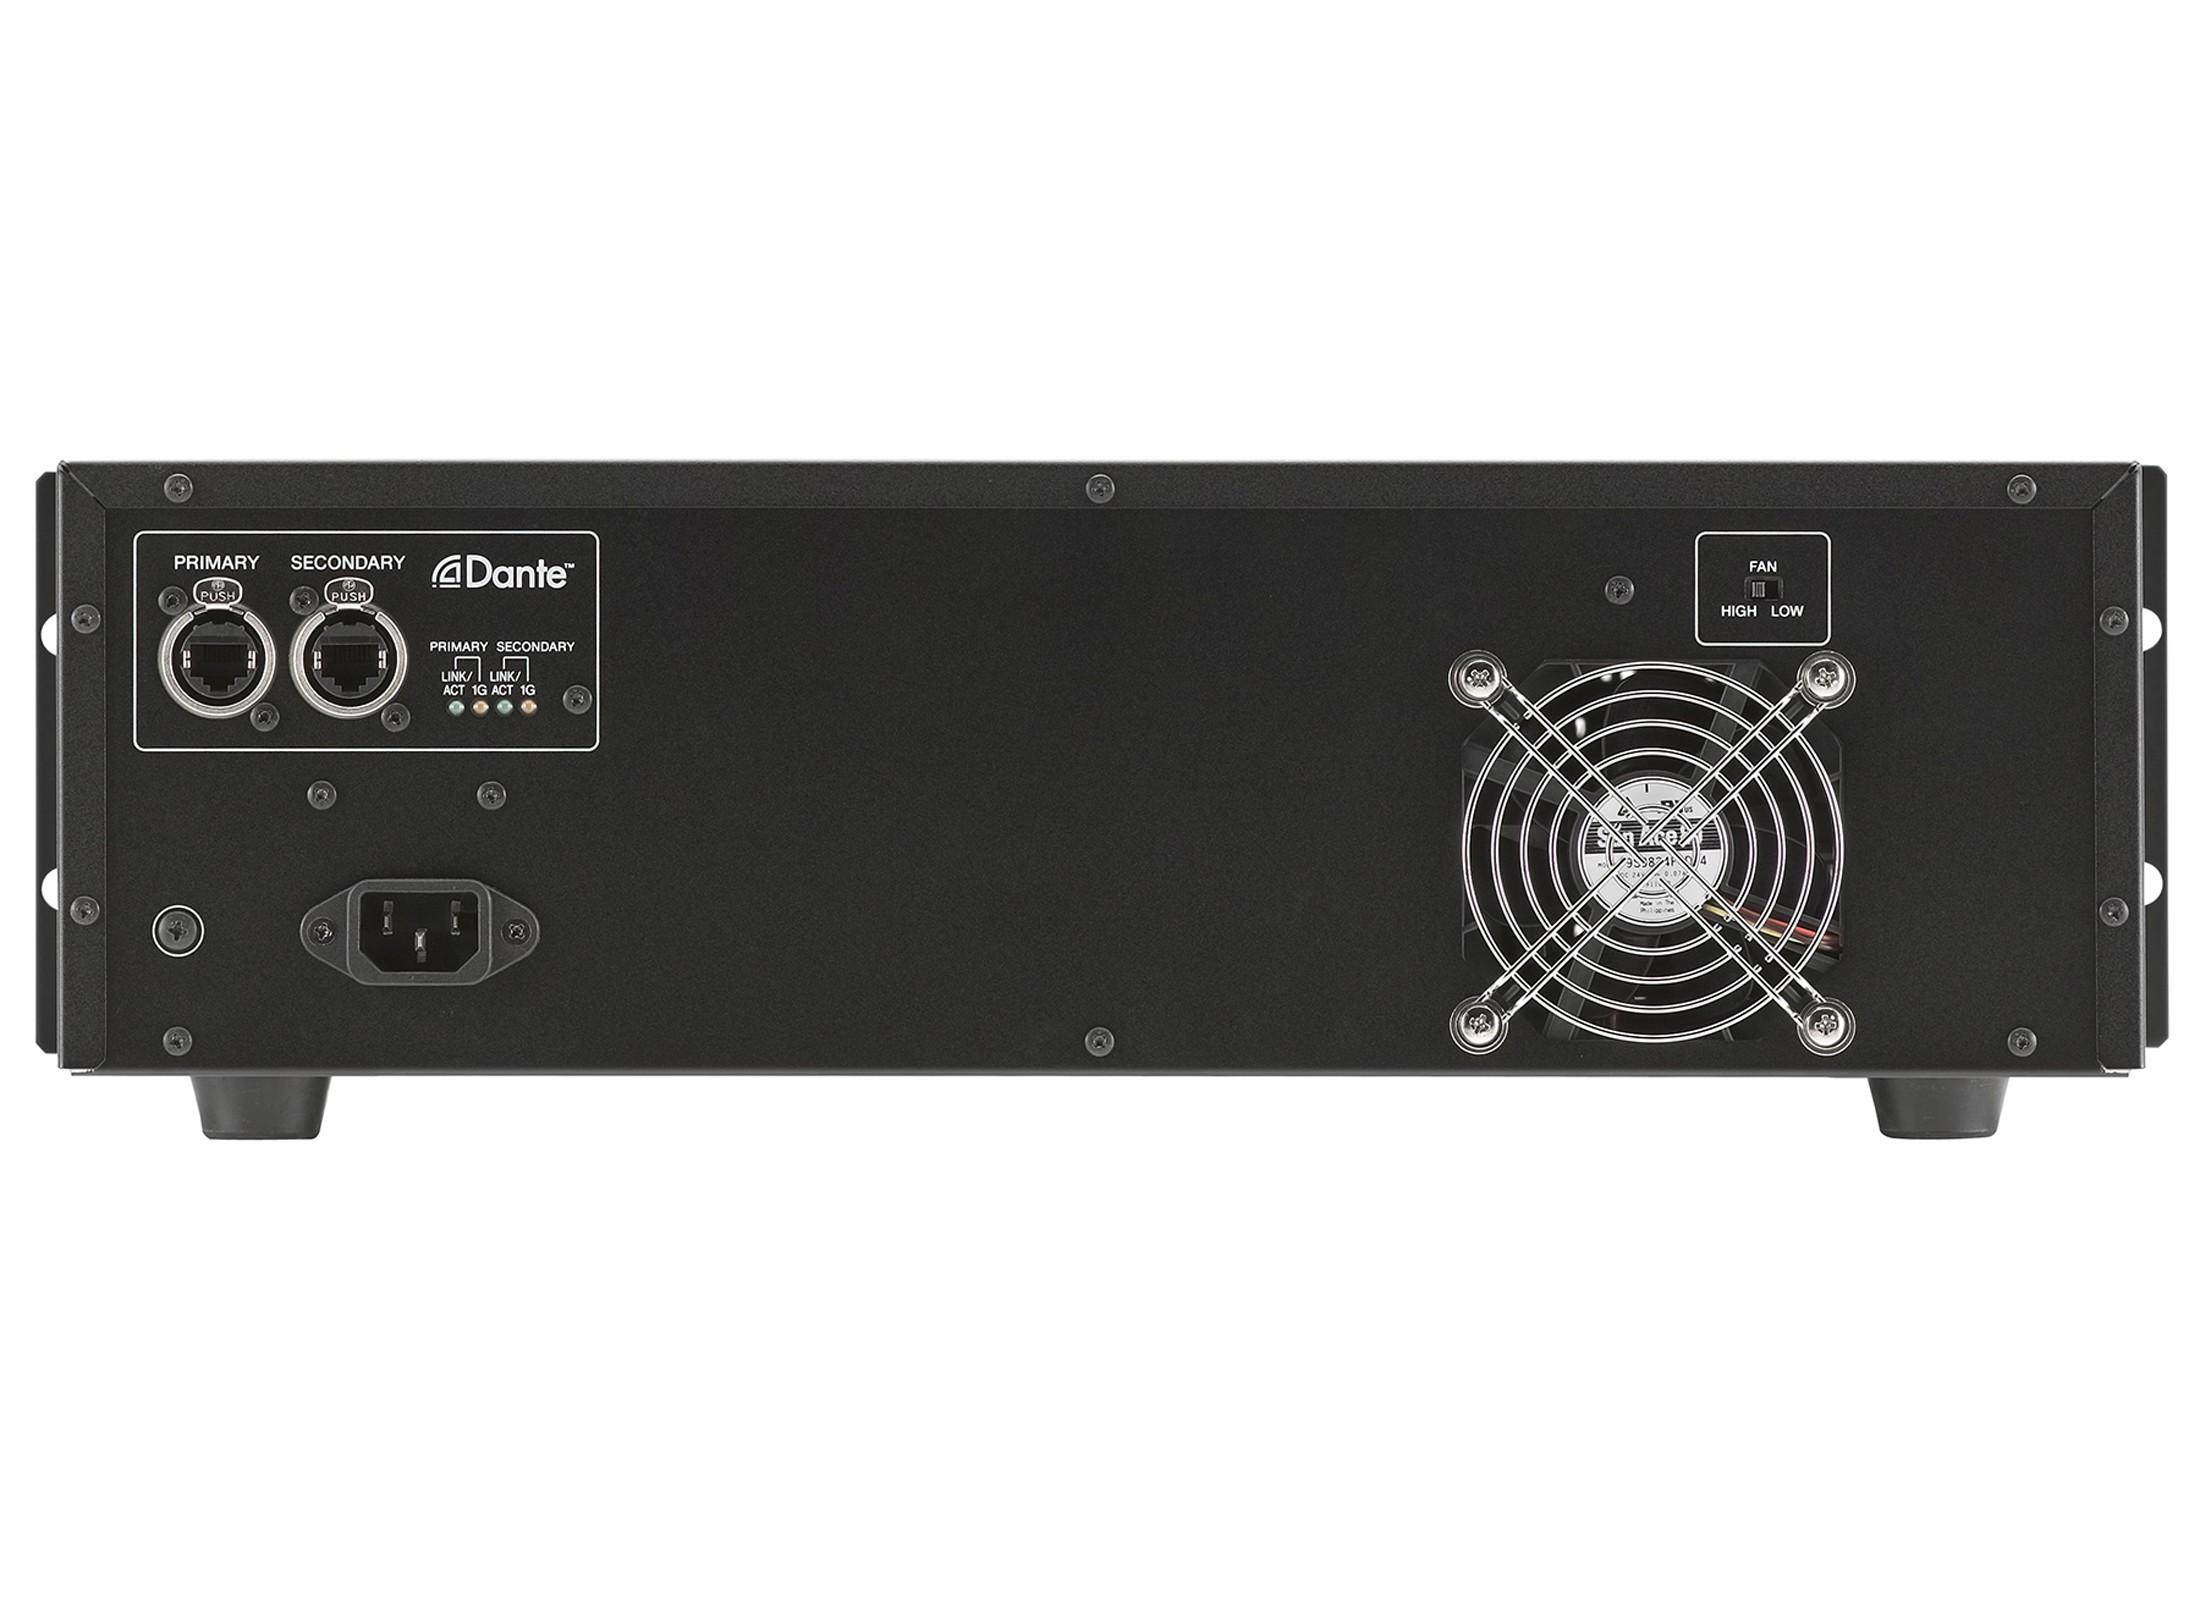 yamaha rio 1608 d digital stagebox g nstig online kaufen bei huss licht ton. Black Bedroom Furniture Sets. Home Design Ideas